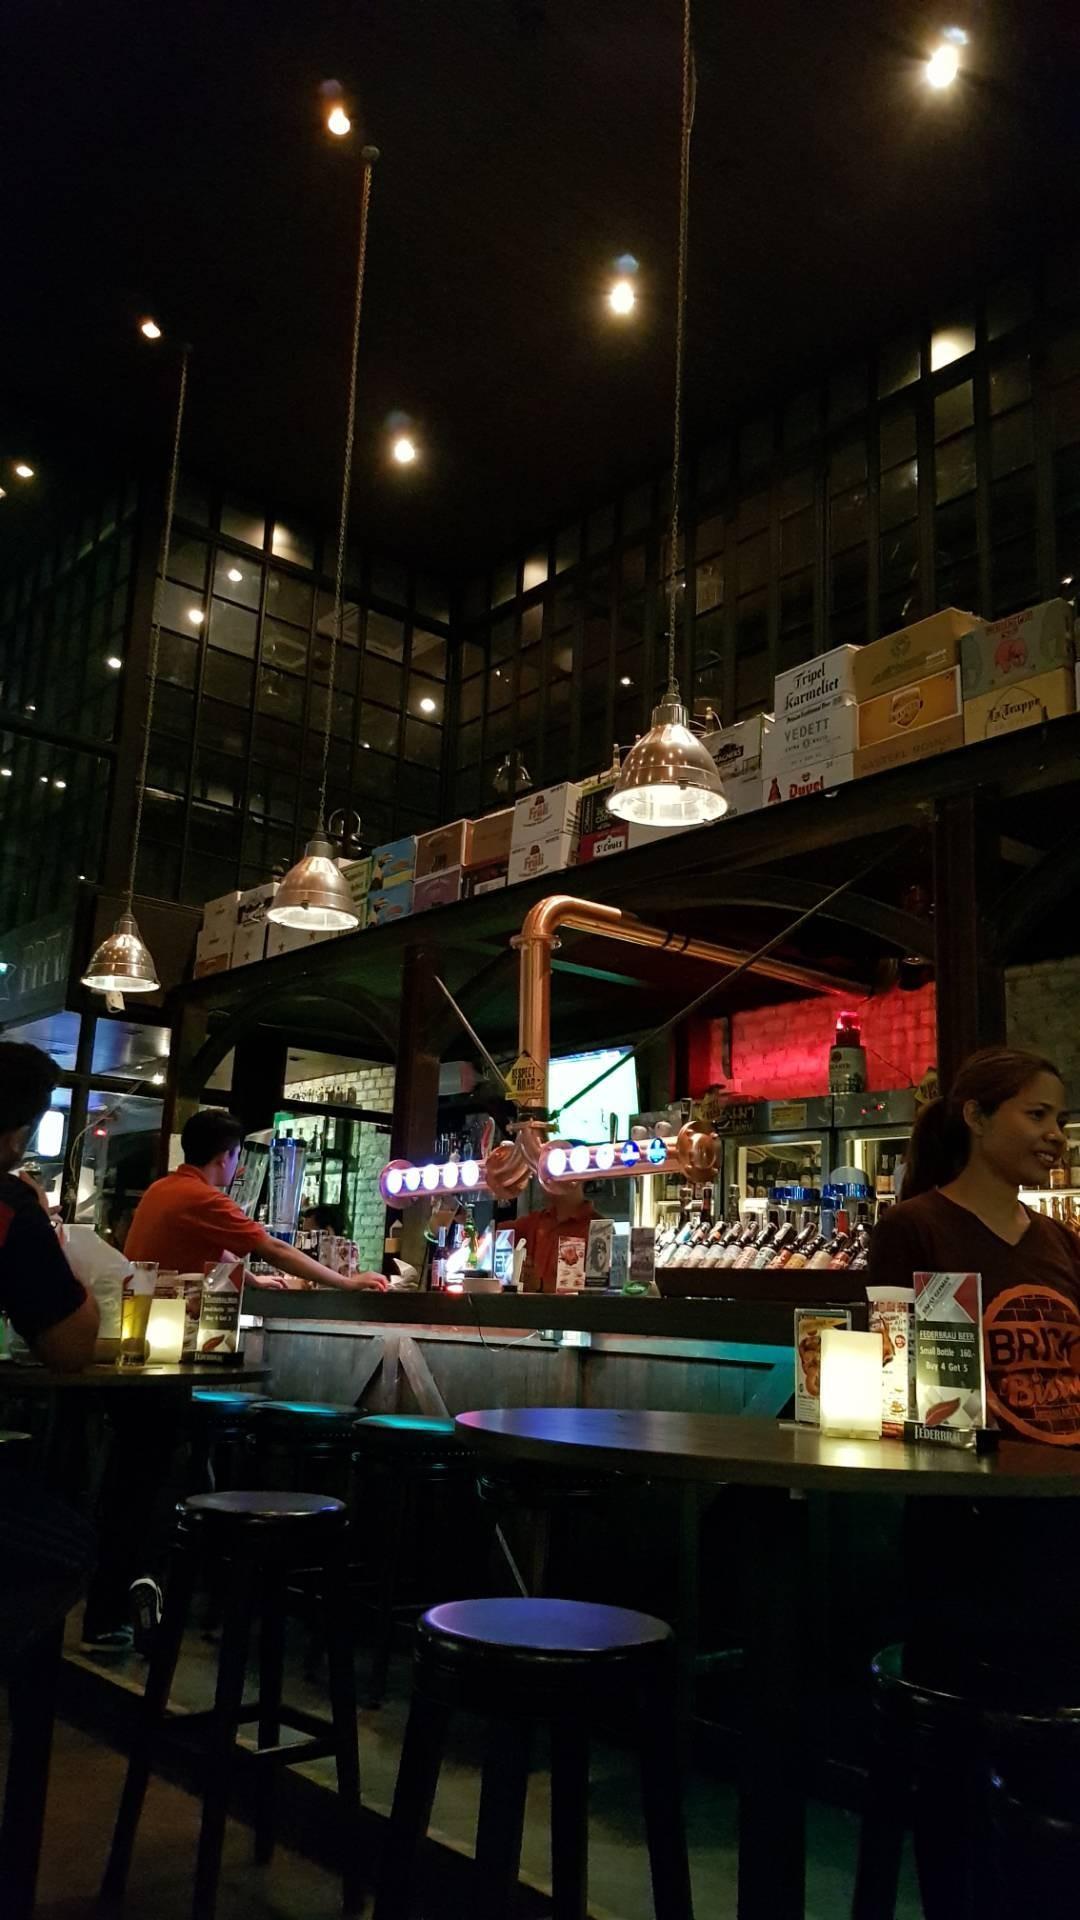 บรรยากาศ Brick Bistro Restaurant and Bar เอเชียทีค เดอะ ริเวอร์ ฟร้อนท์